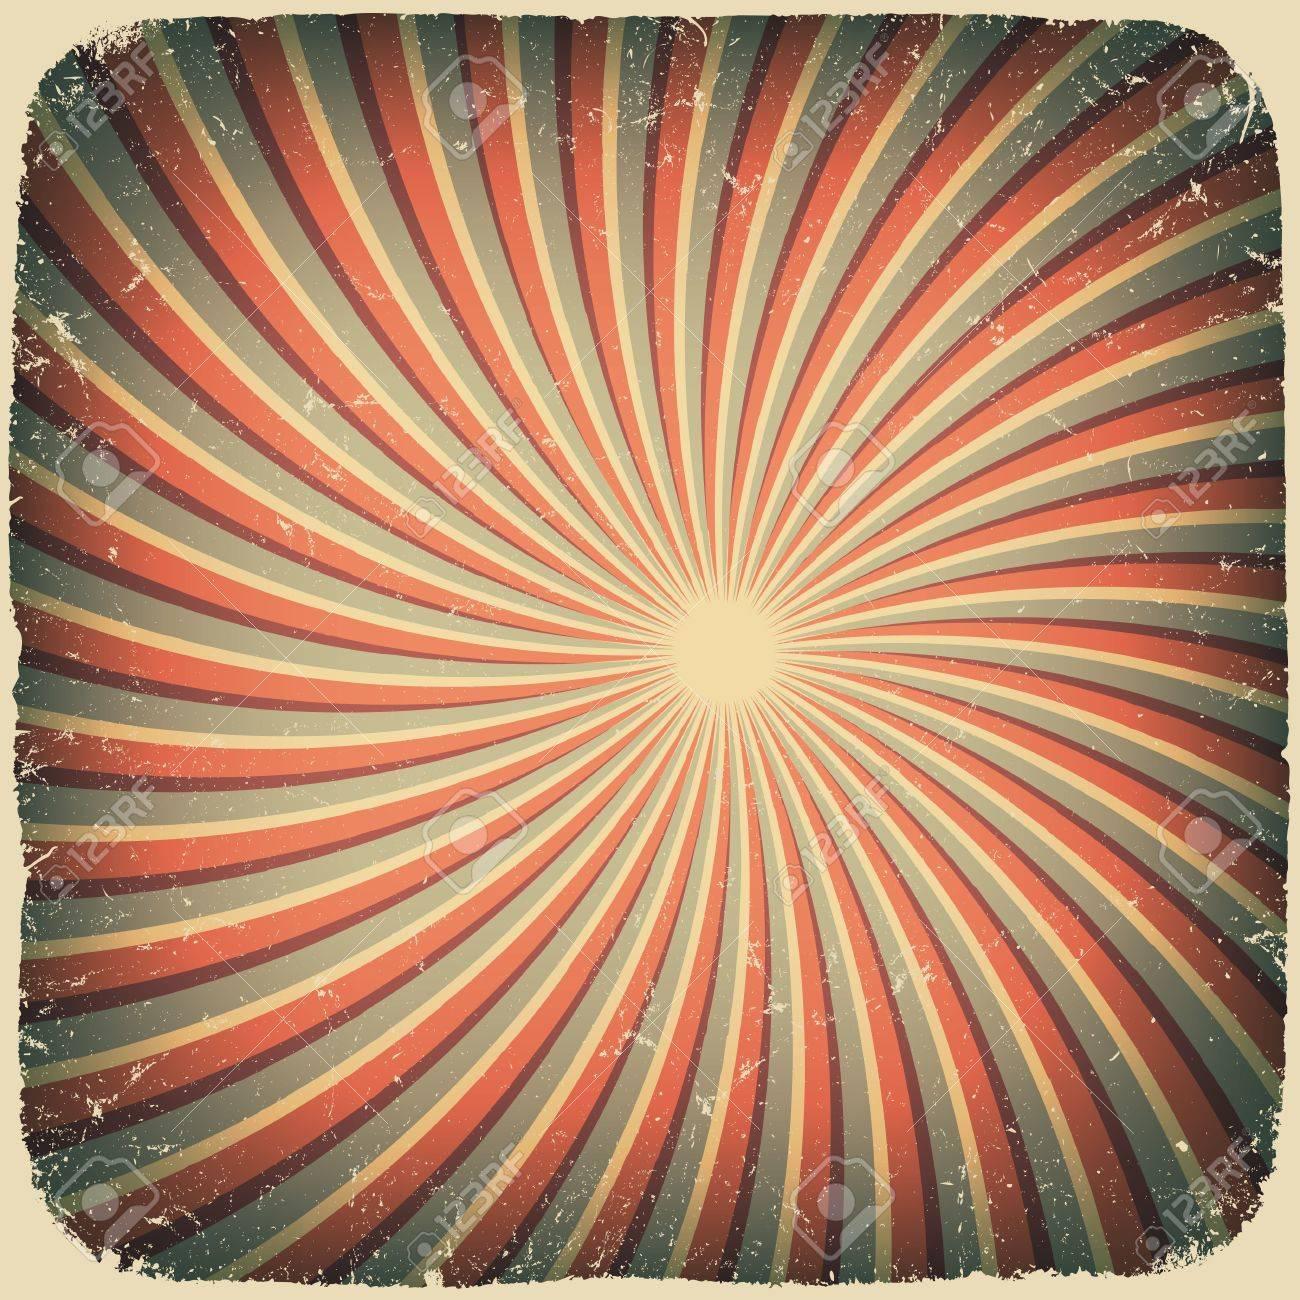 グランジの渦巻線レトロな背景。のイラスト素材・ベクタ - Image 12286079.